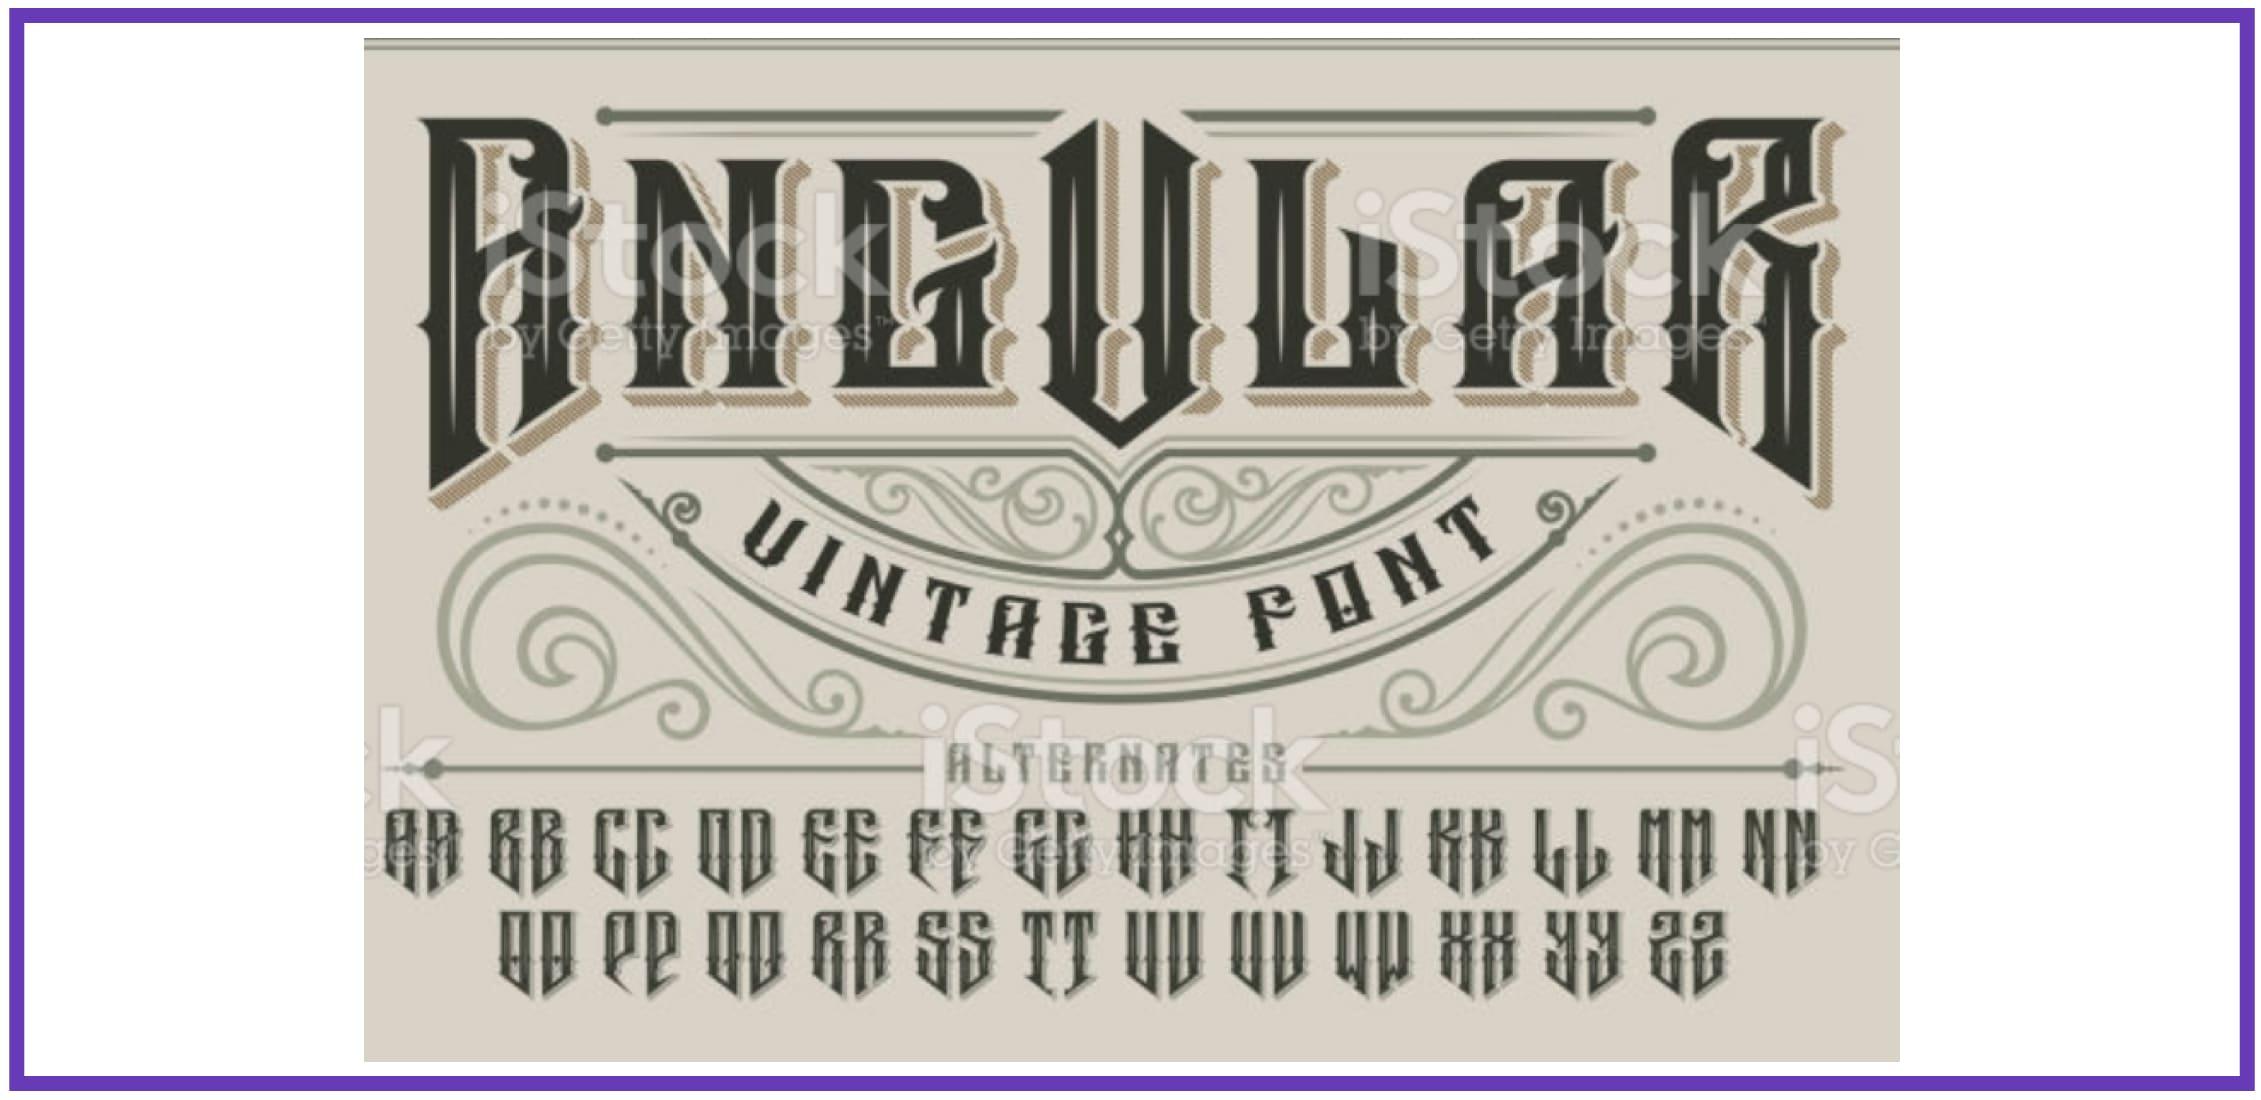 Vintage-inspired Angular. Masculine Font.